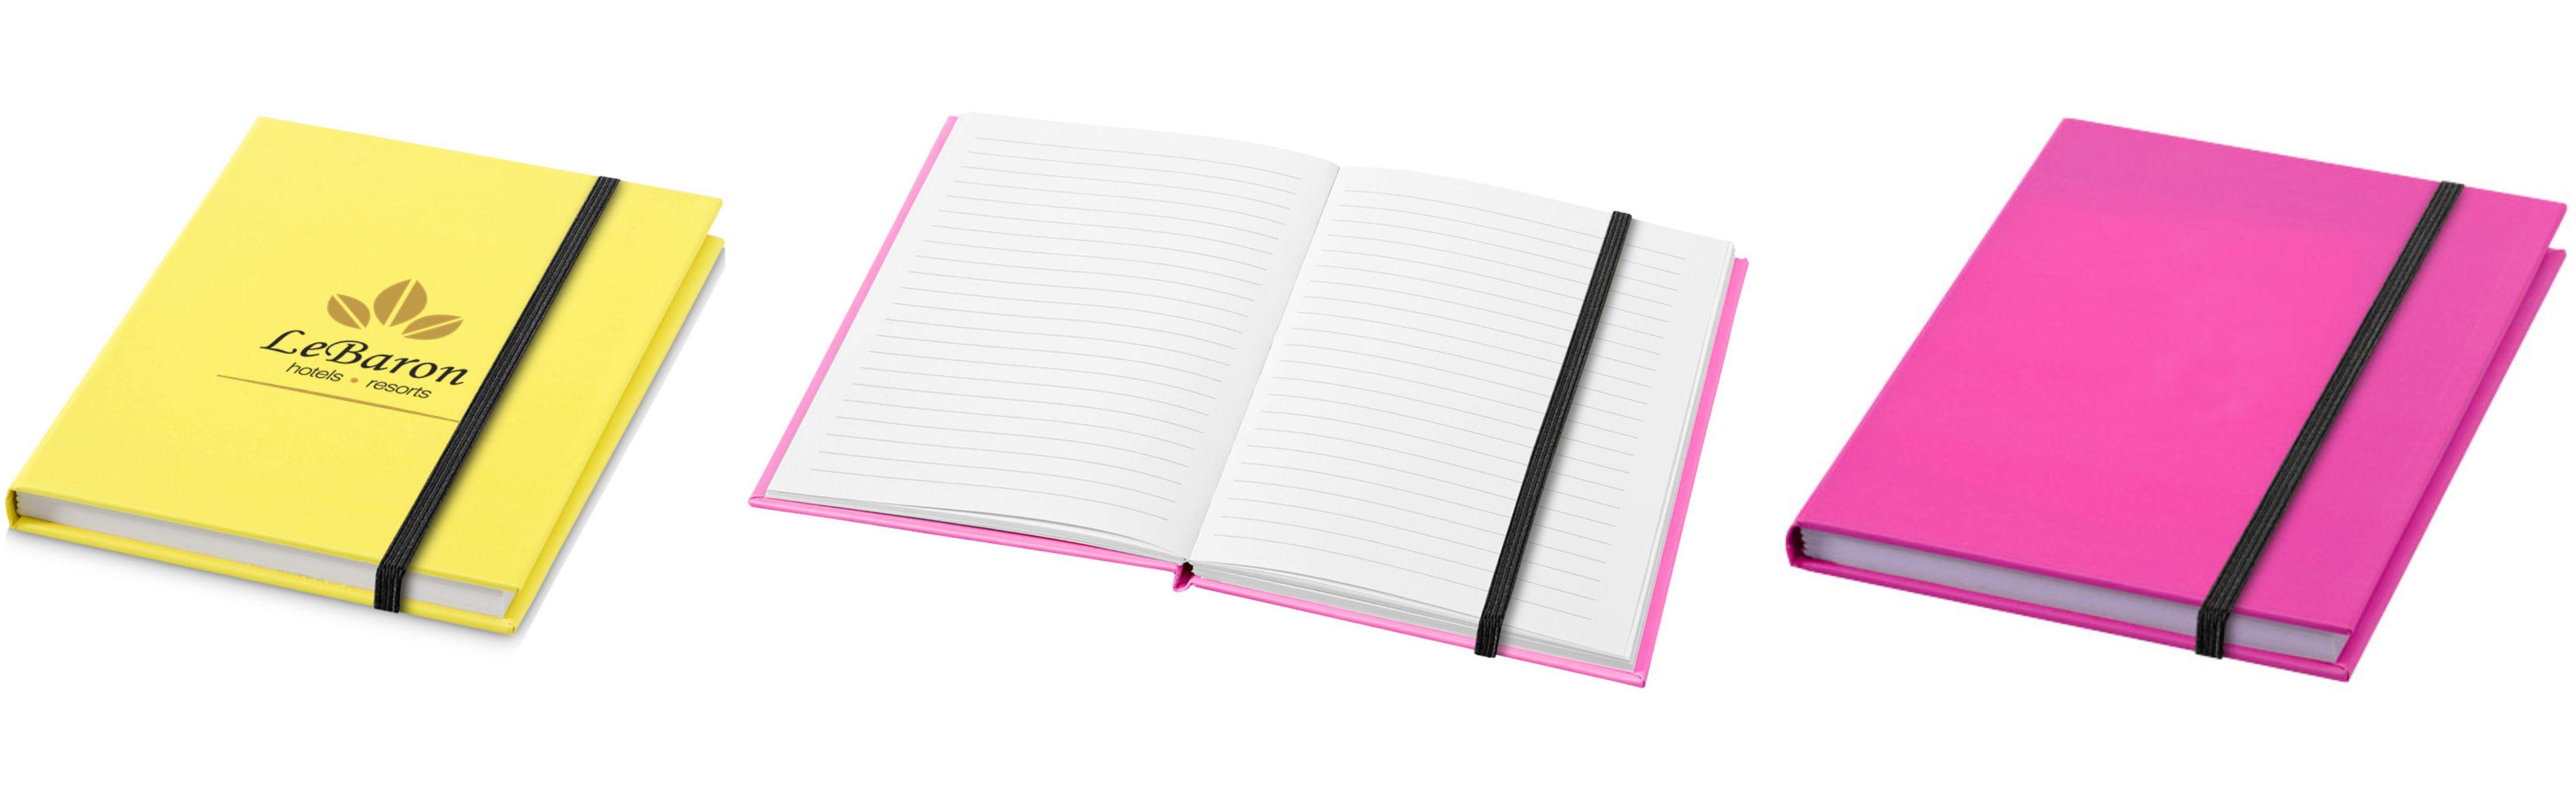 Notebook Offer